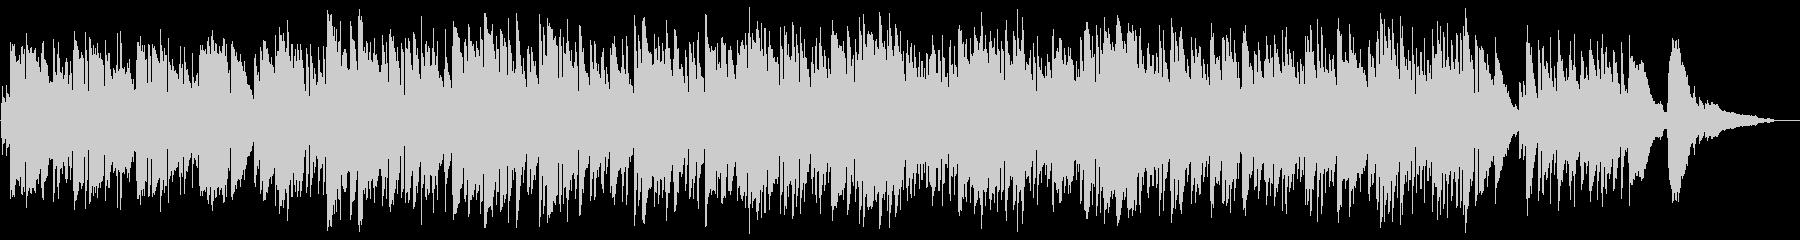 ノスタルジックで切ないギターサウンドの未再生の波形